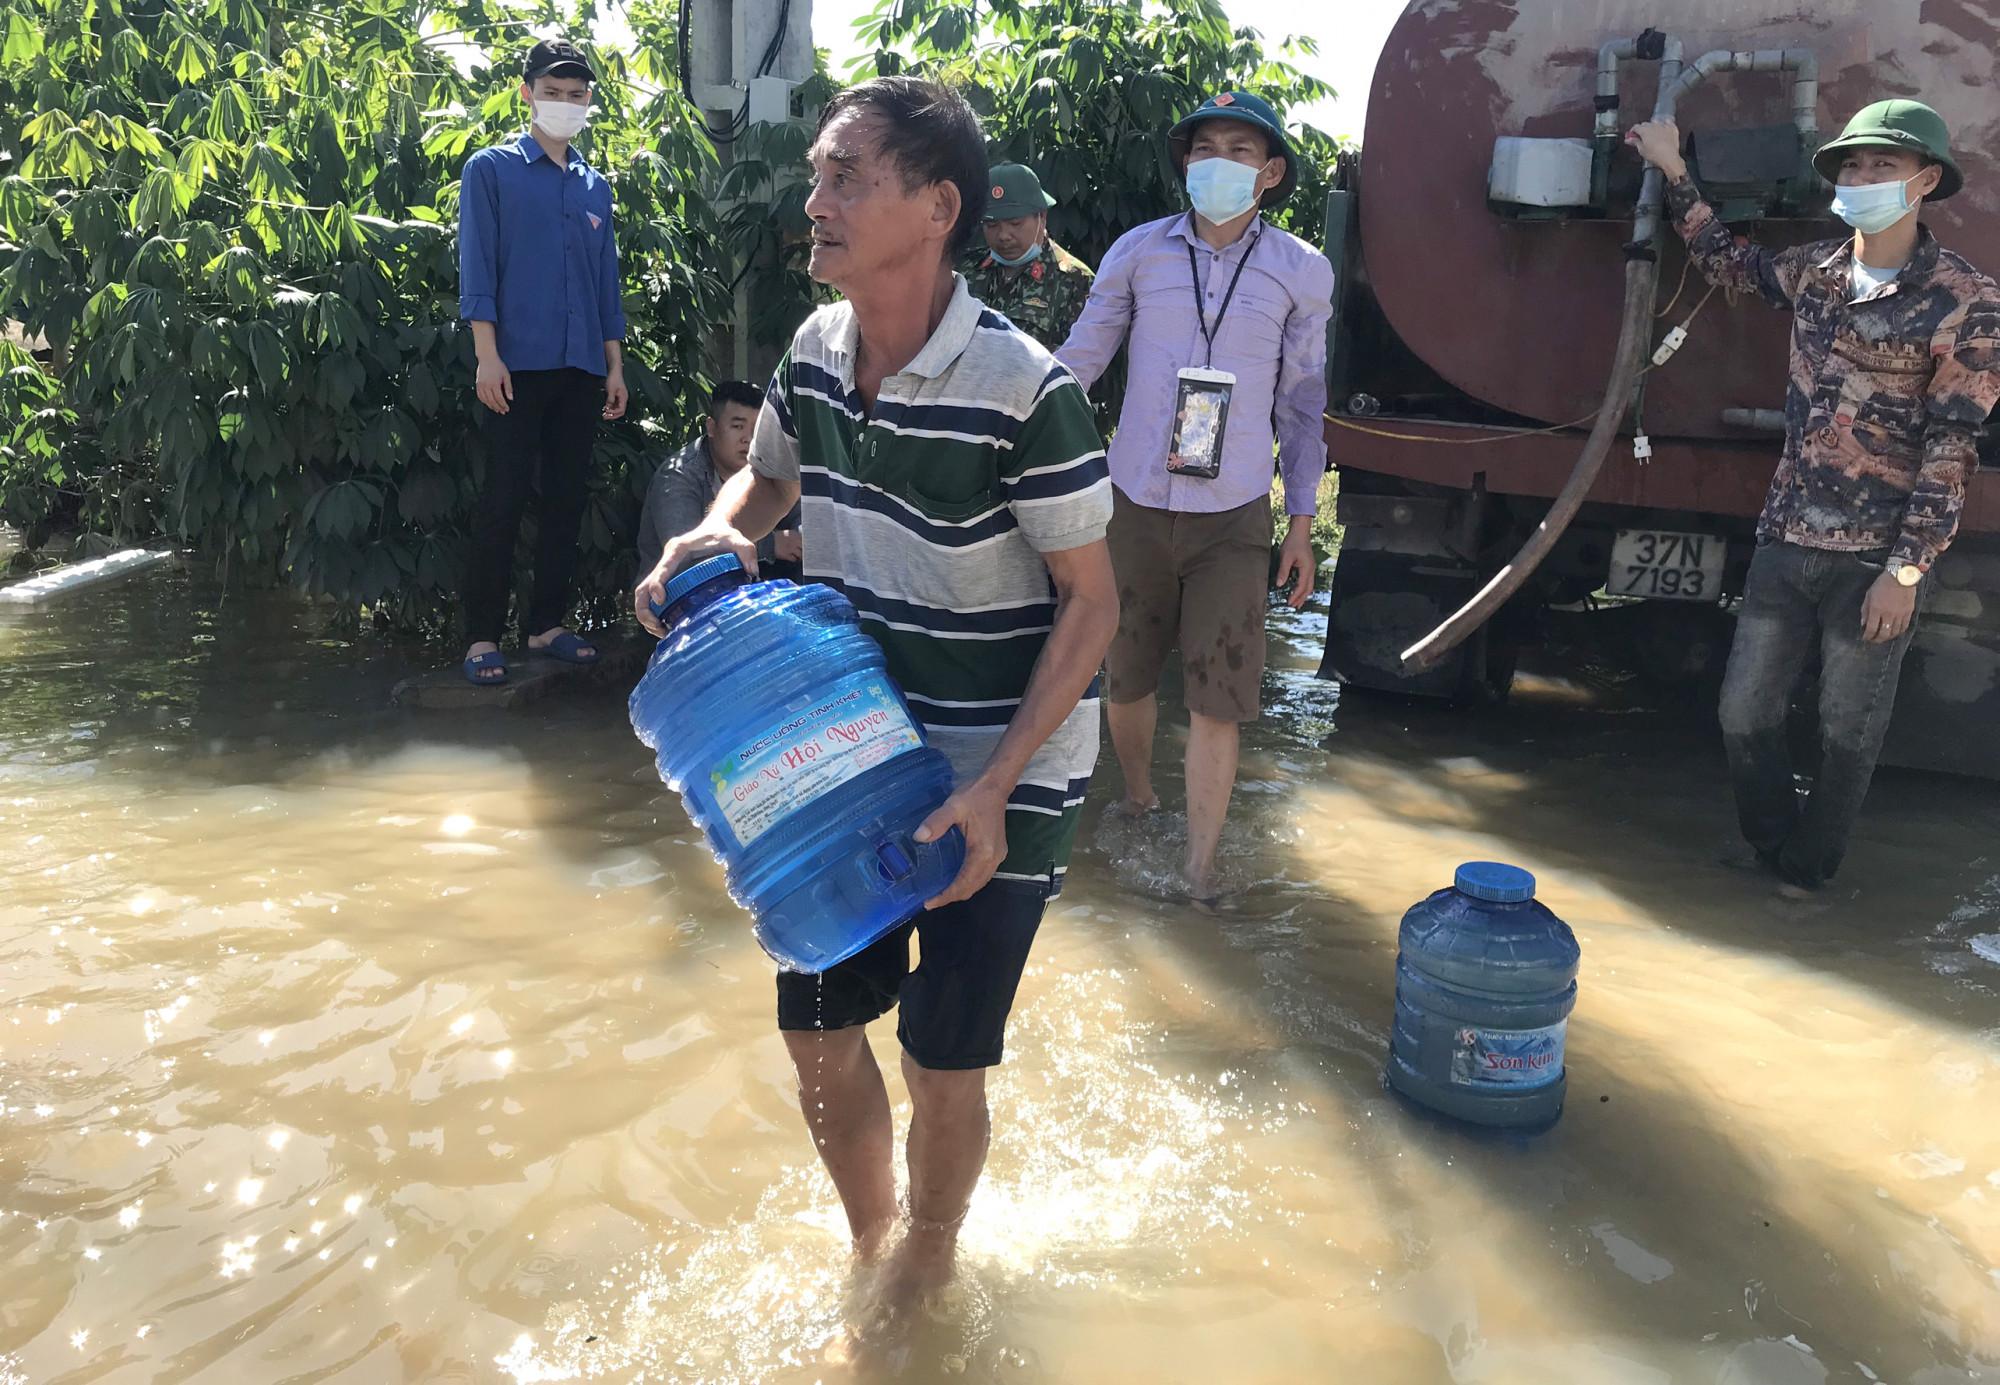 Trước tình hình đó, lực lượng chức năng đã dùng các xe bồn chở nước sạch vào các vùng ngập để hỗ trợ người dân có nước sinh hoạt. Những nơi vẫn còn ngập sâu, nước sạch sẽ được đóng trong các can nhựa 20l rồi vận chuyển vào.